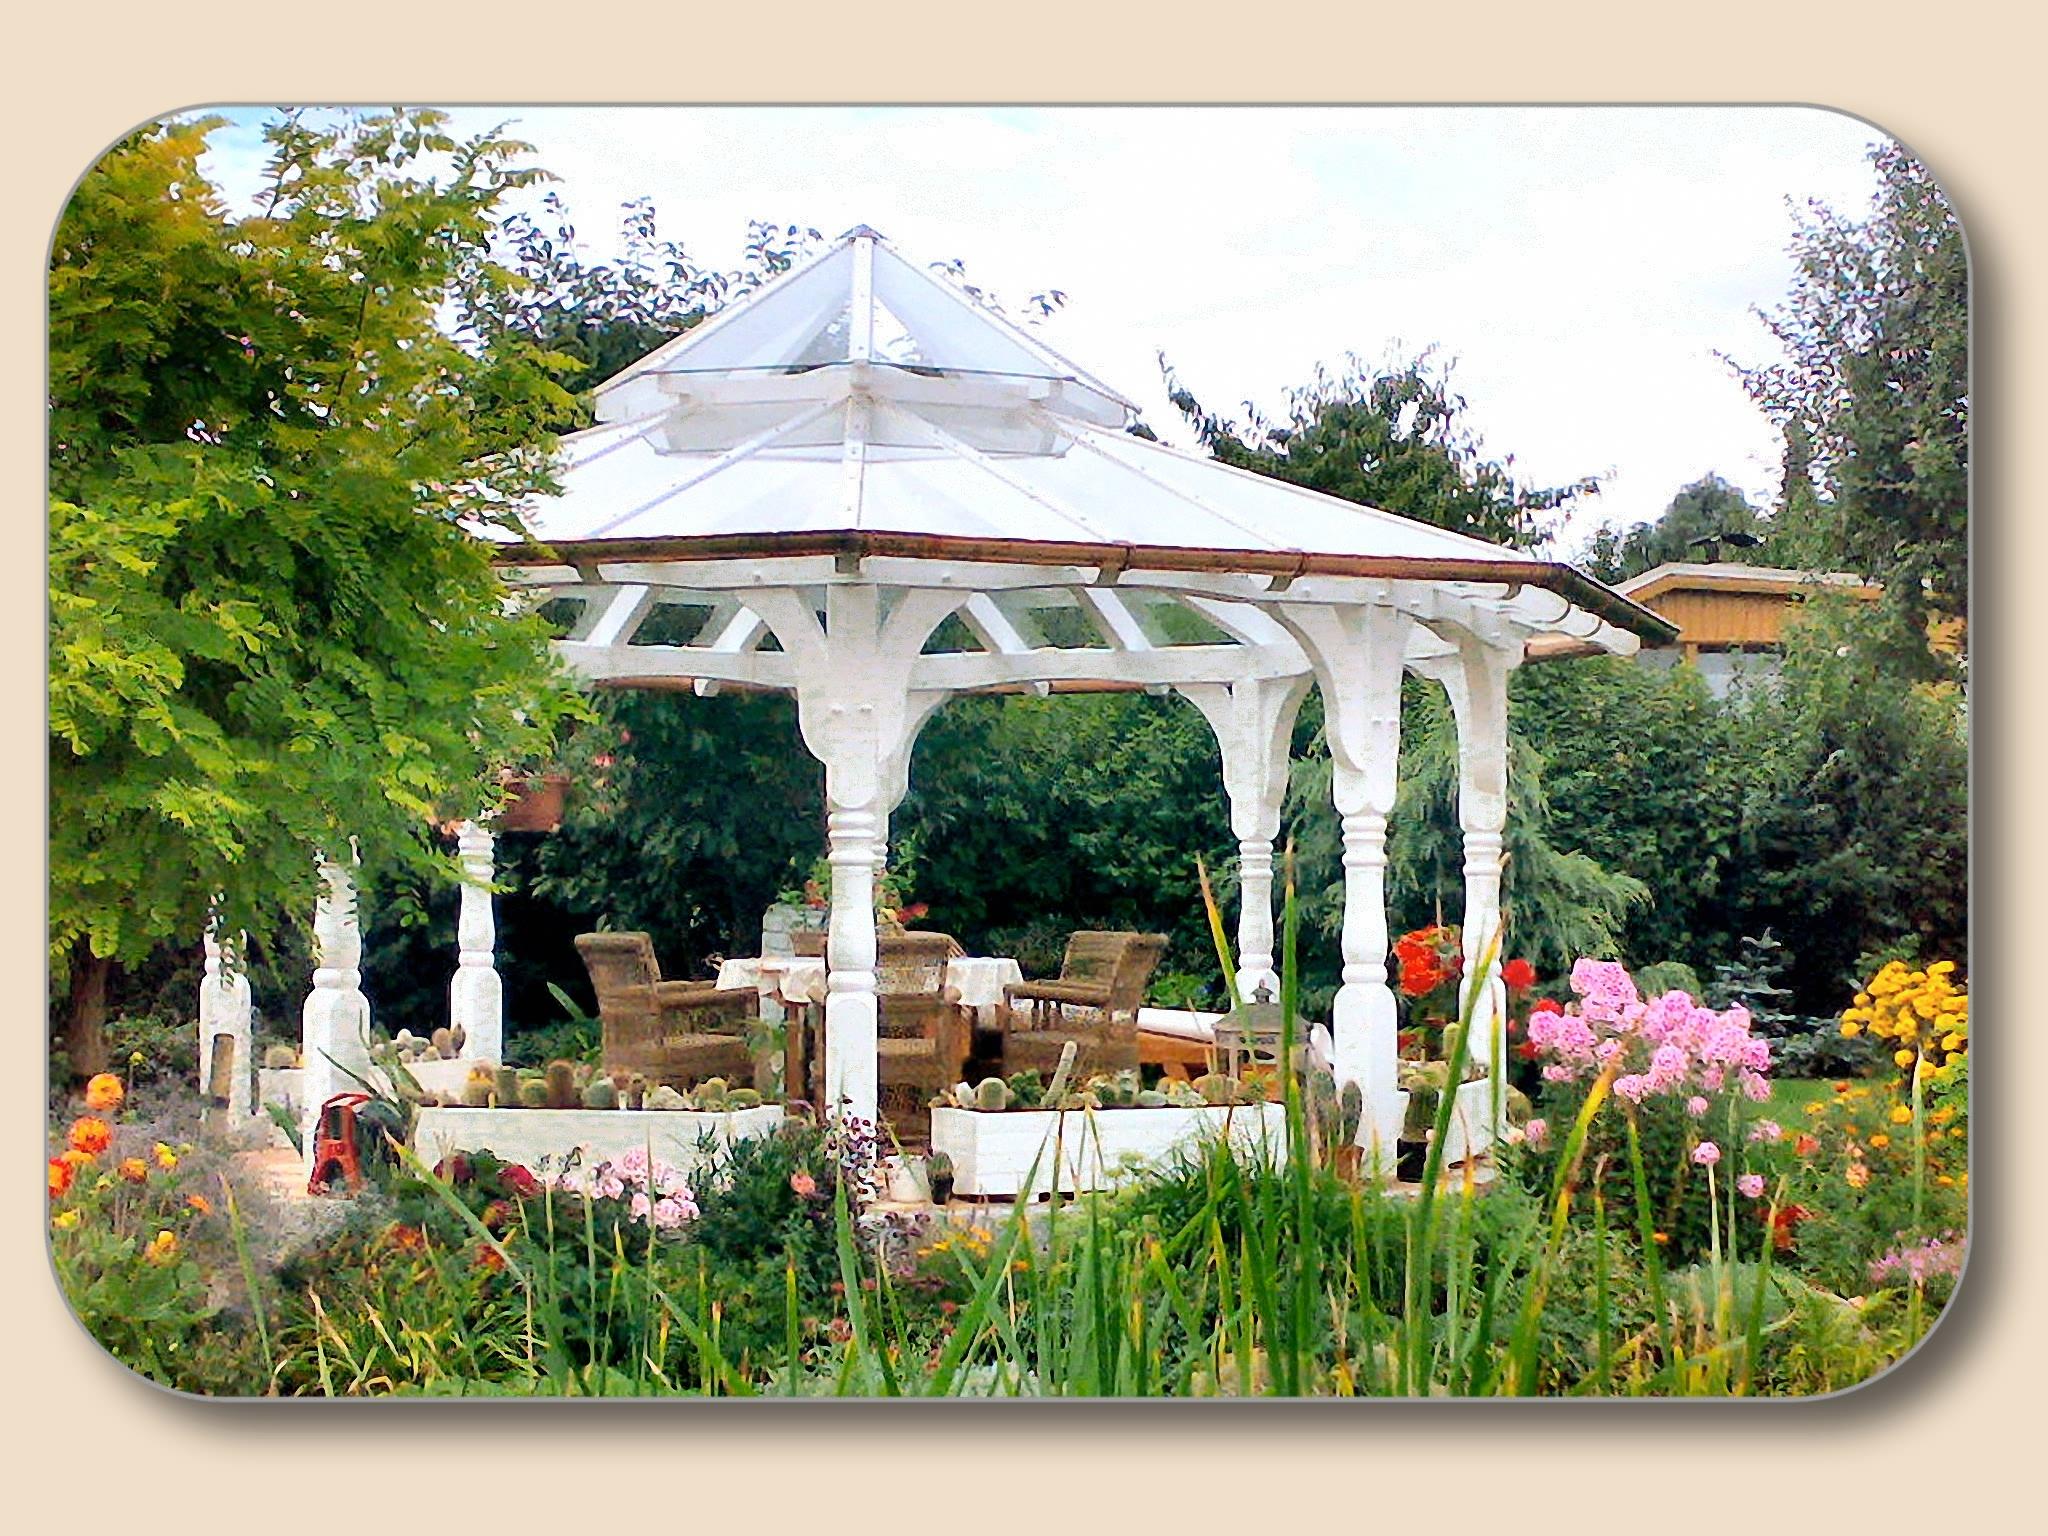 Full Size of Garten Pavillion Pavillon / Metallpavillon Sun Antik Kupfer Look Gartenpavillon Metall Rund Holz Glas Aus Luxus Baugenehmigung 3x3 Bausatz Kaufen Preise Von Garten Garten Pavillion